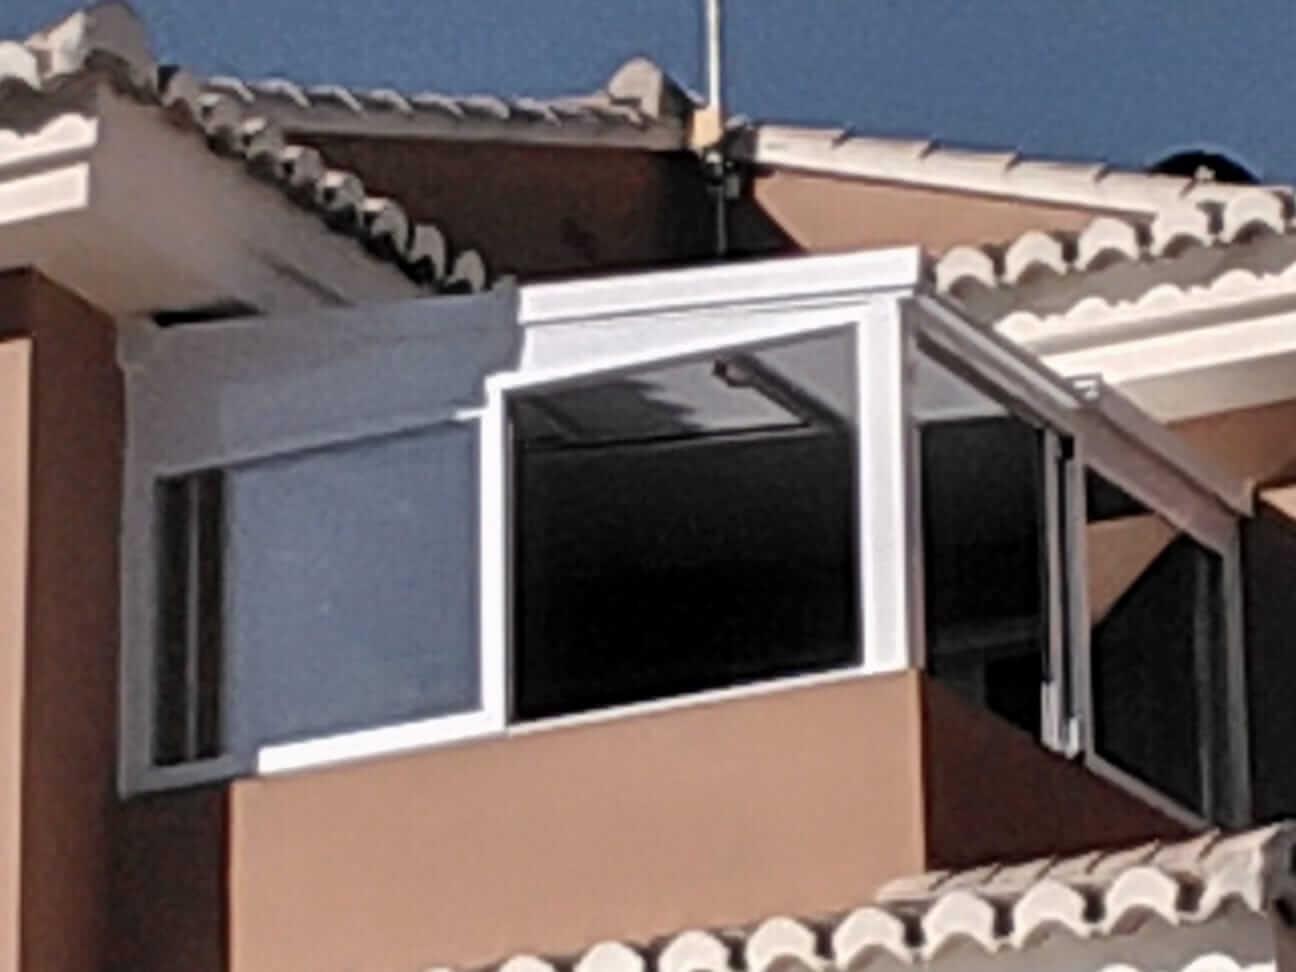 Cerramiento acristalado de balcón exterior. Vista desde exterior vivienda